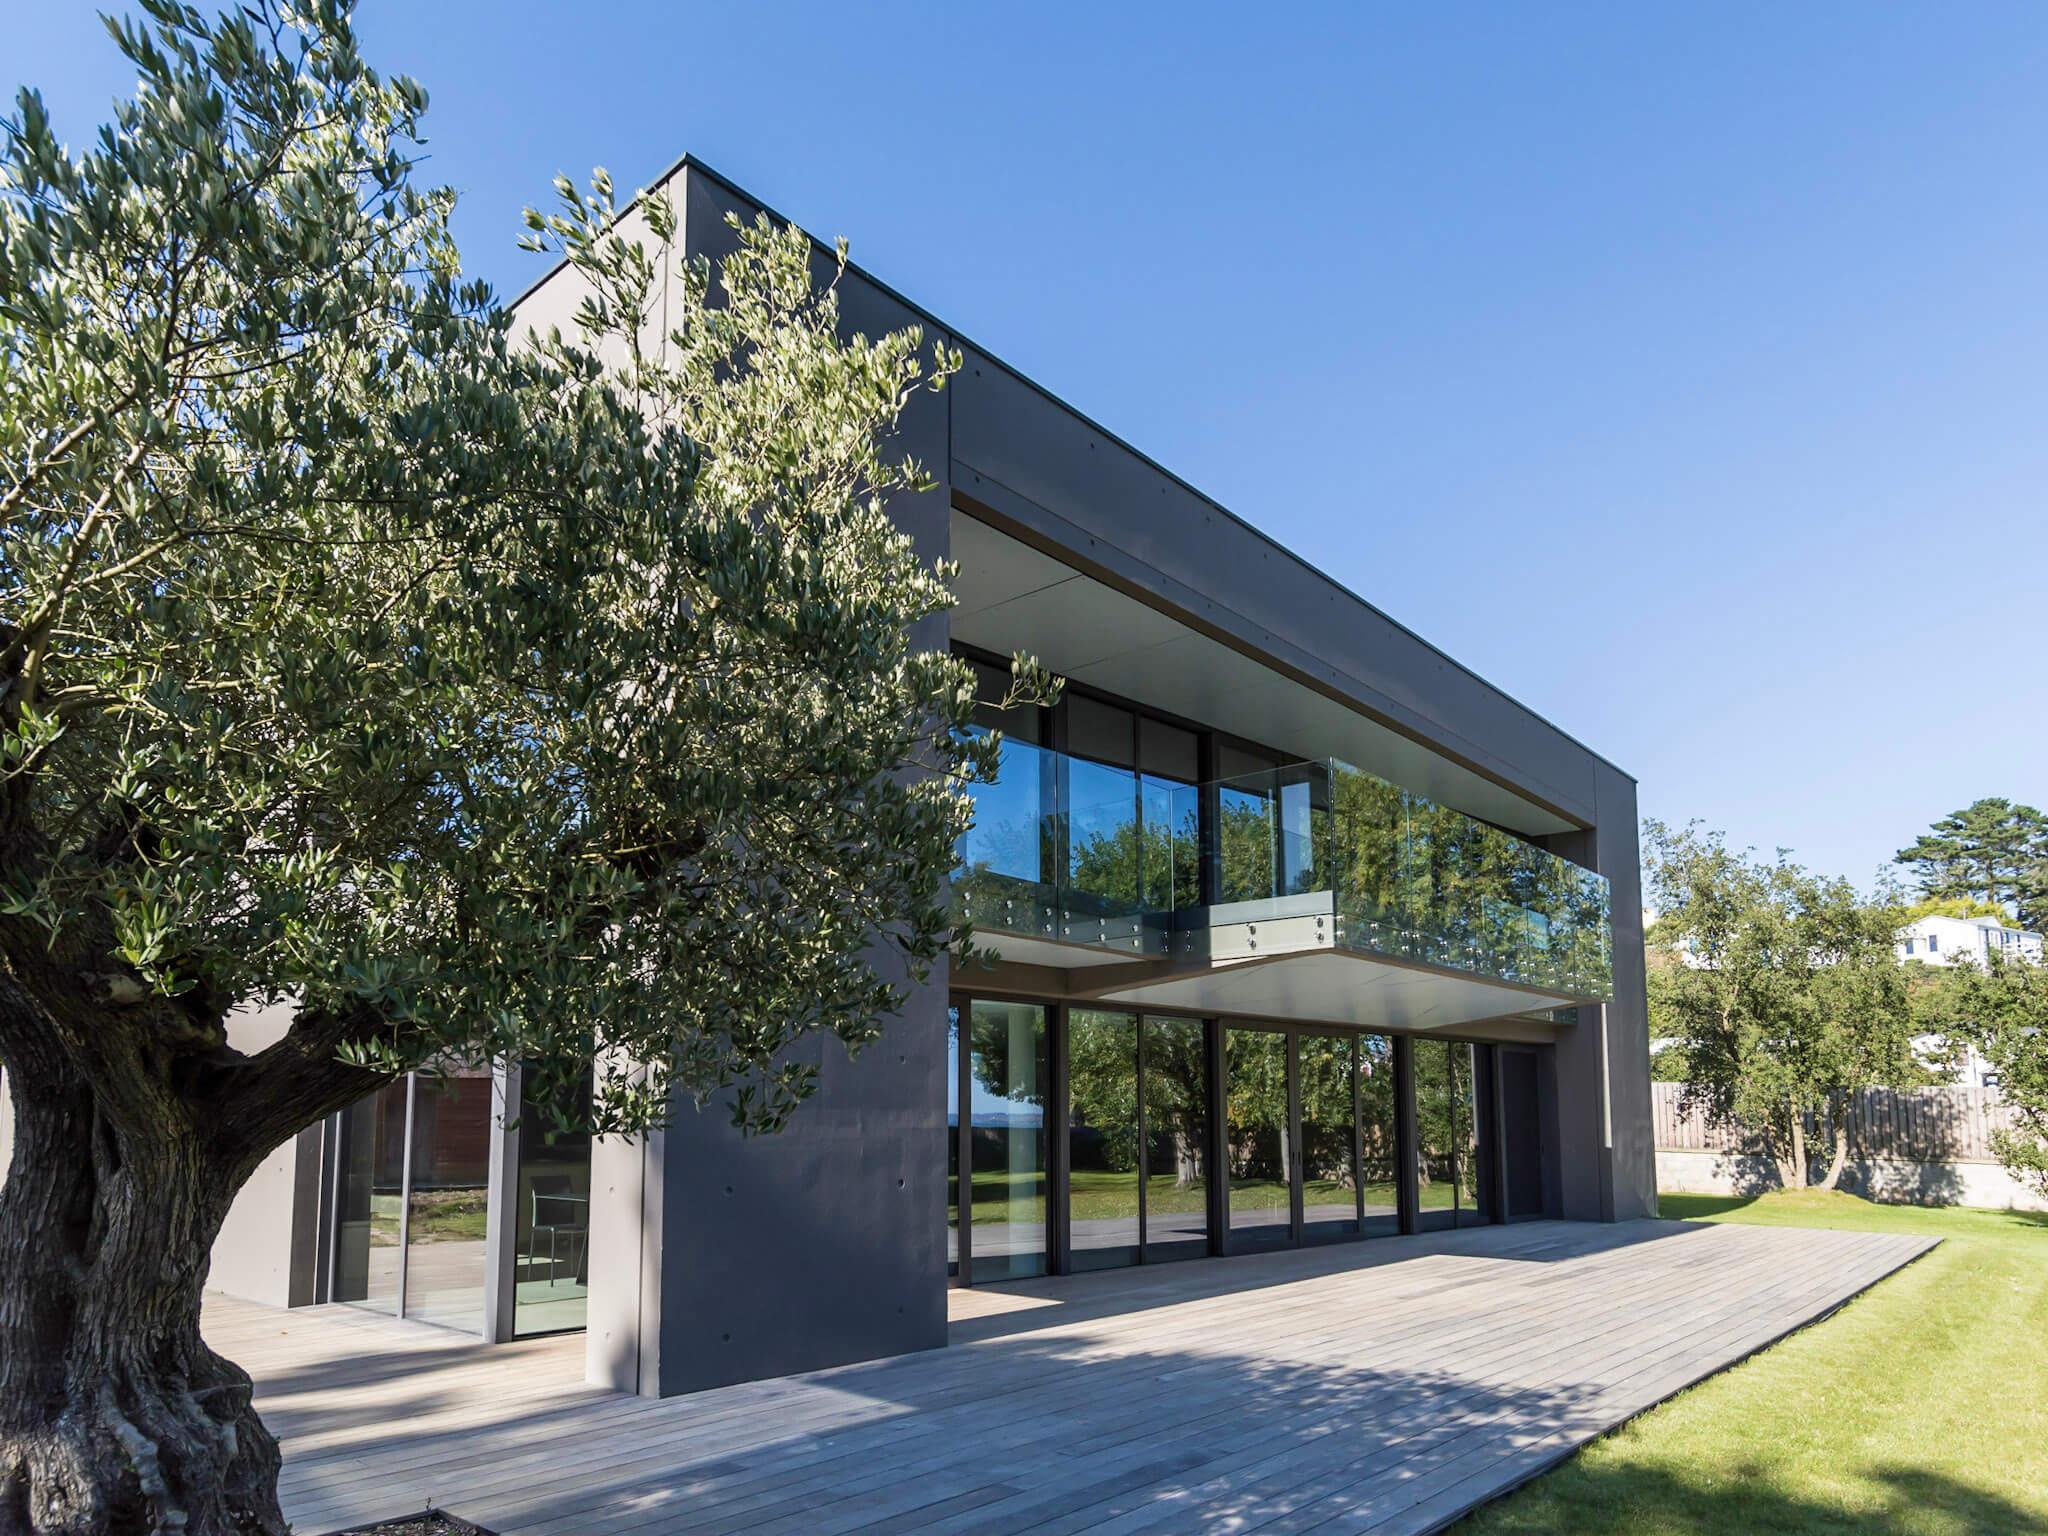 Les réalisations Lehmann Studio, photographe à Angers - reportage photo architecture baie vitrée Armoral